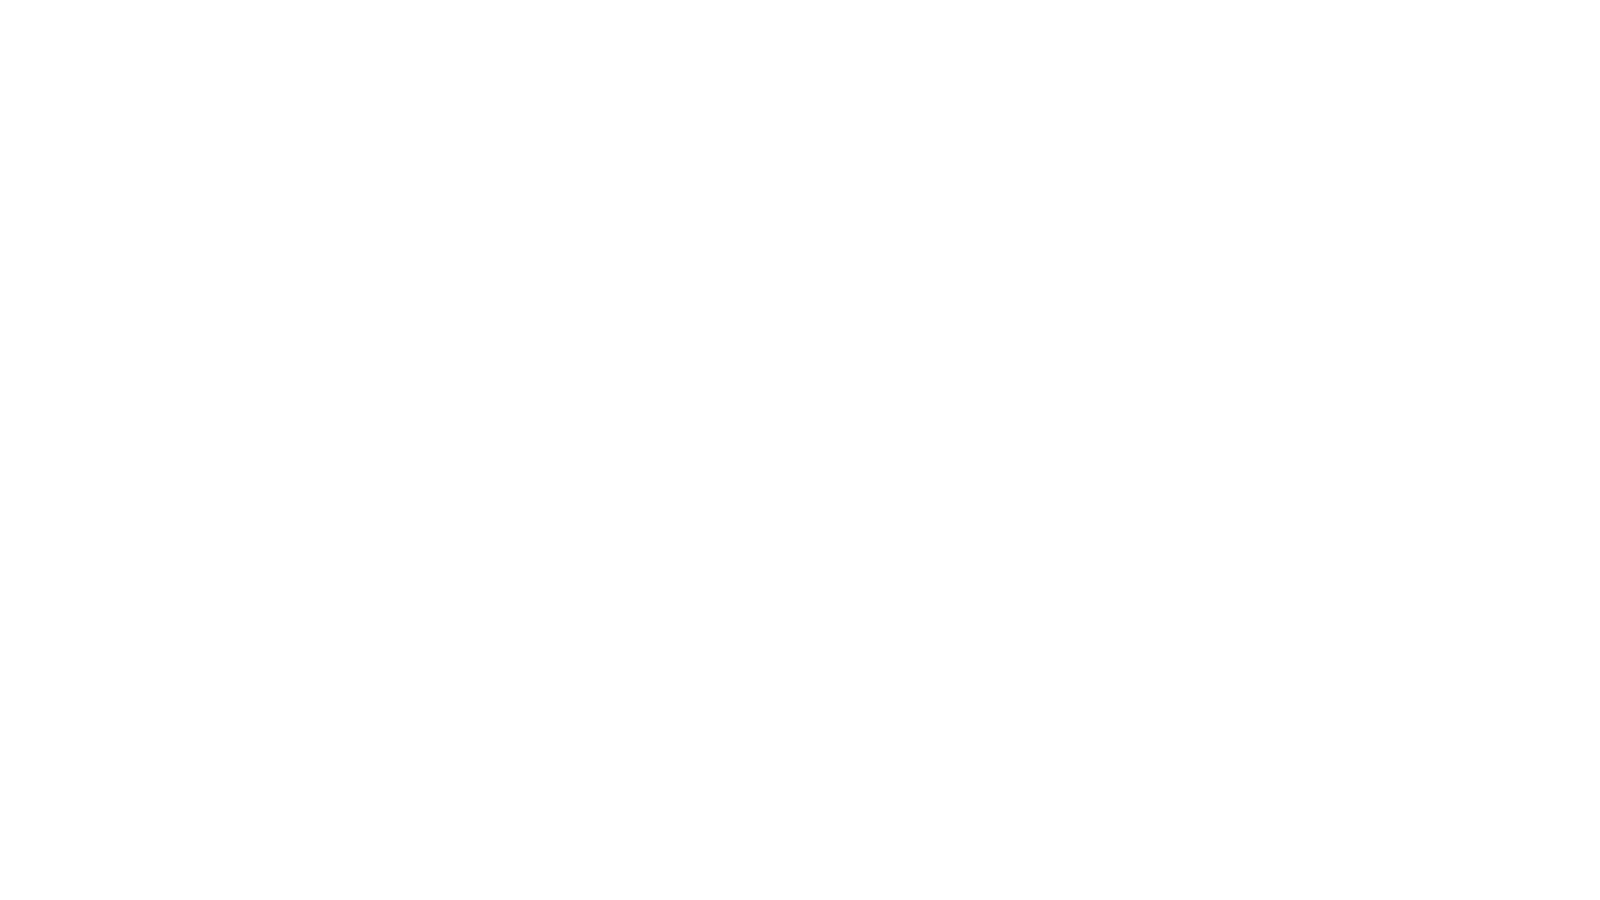 20 ANOS DE RITMO MELODIALink da entrevista: https://www.ritmomelodia.mus.br/entrevistas/jorge-bodhar/Conheça a Revista Ritmo Melodia? Somos o maior banco de dados de entrevistas com músicos brasileiros. Aqui, além de consultar as informações, você pode avaliar e discutir sobre nossas entrevistas e artistas dos mais diversos gêneros, como: forró, samba, pagode, baião, maracatu, reggae, rock, pop, mpb, brega, sertanejo, caipira, bossa nova, rap e muito mais.Já entrevistamos artistas como: Gilberto Gil, Dominguinhos, Sivuca, Tribo de Jah, Zé Rodrix, Yamandu Costa, Papete, Geraldo Vandré, Nelson Faria, Paulinho da Viola, Nelson Sargento, Hyldon, Wilson Curia, entre tantos outros, todo mês temos muitas outras novas.https://www.ritmomelodia.mus.br